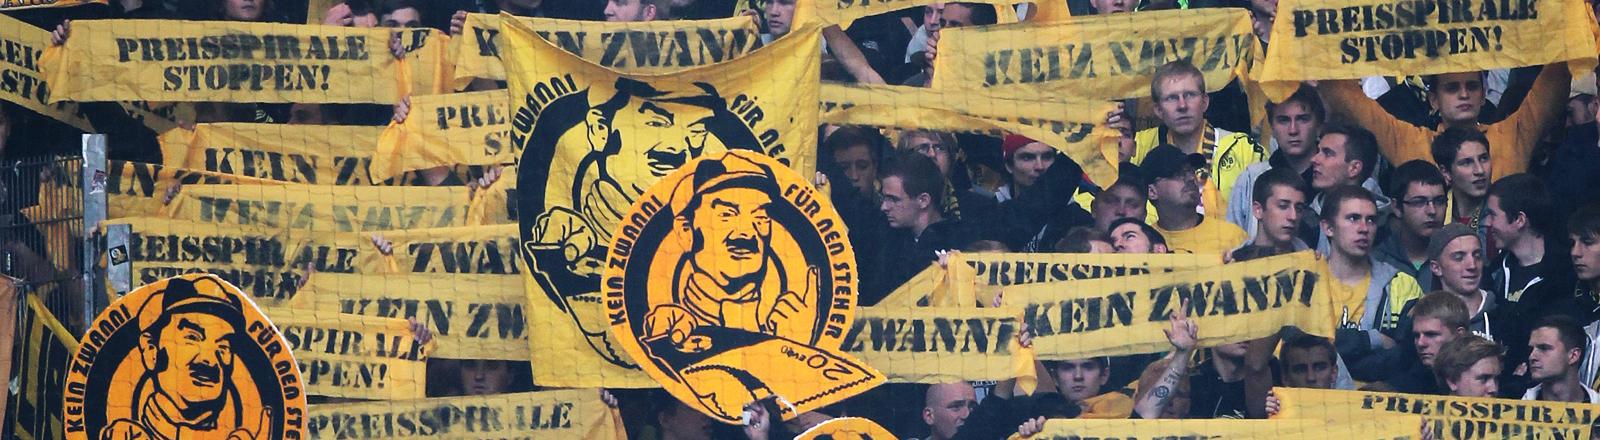 Am 22.09.2012 protestieren BVB-Fans gegen zu hohe Ticketpreise in Bundesliga-Stadien.